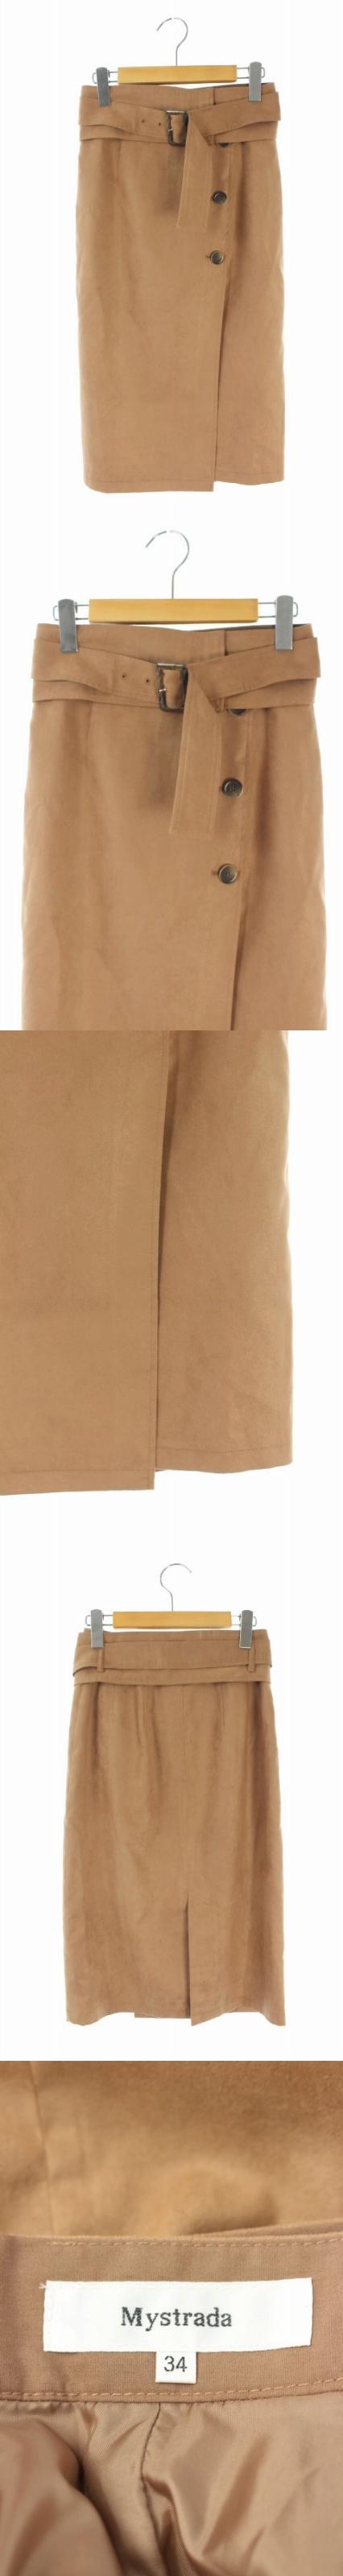 18AW スカート 台形 膝丈 フェイクスエード ベルト付き ボタン装飾 34 茶 /AA ■OS